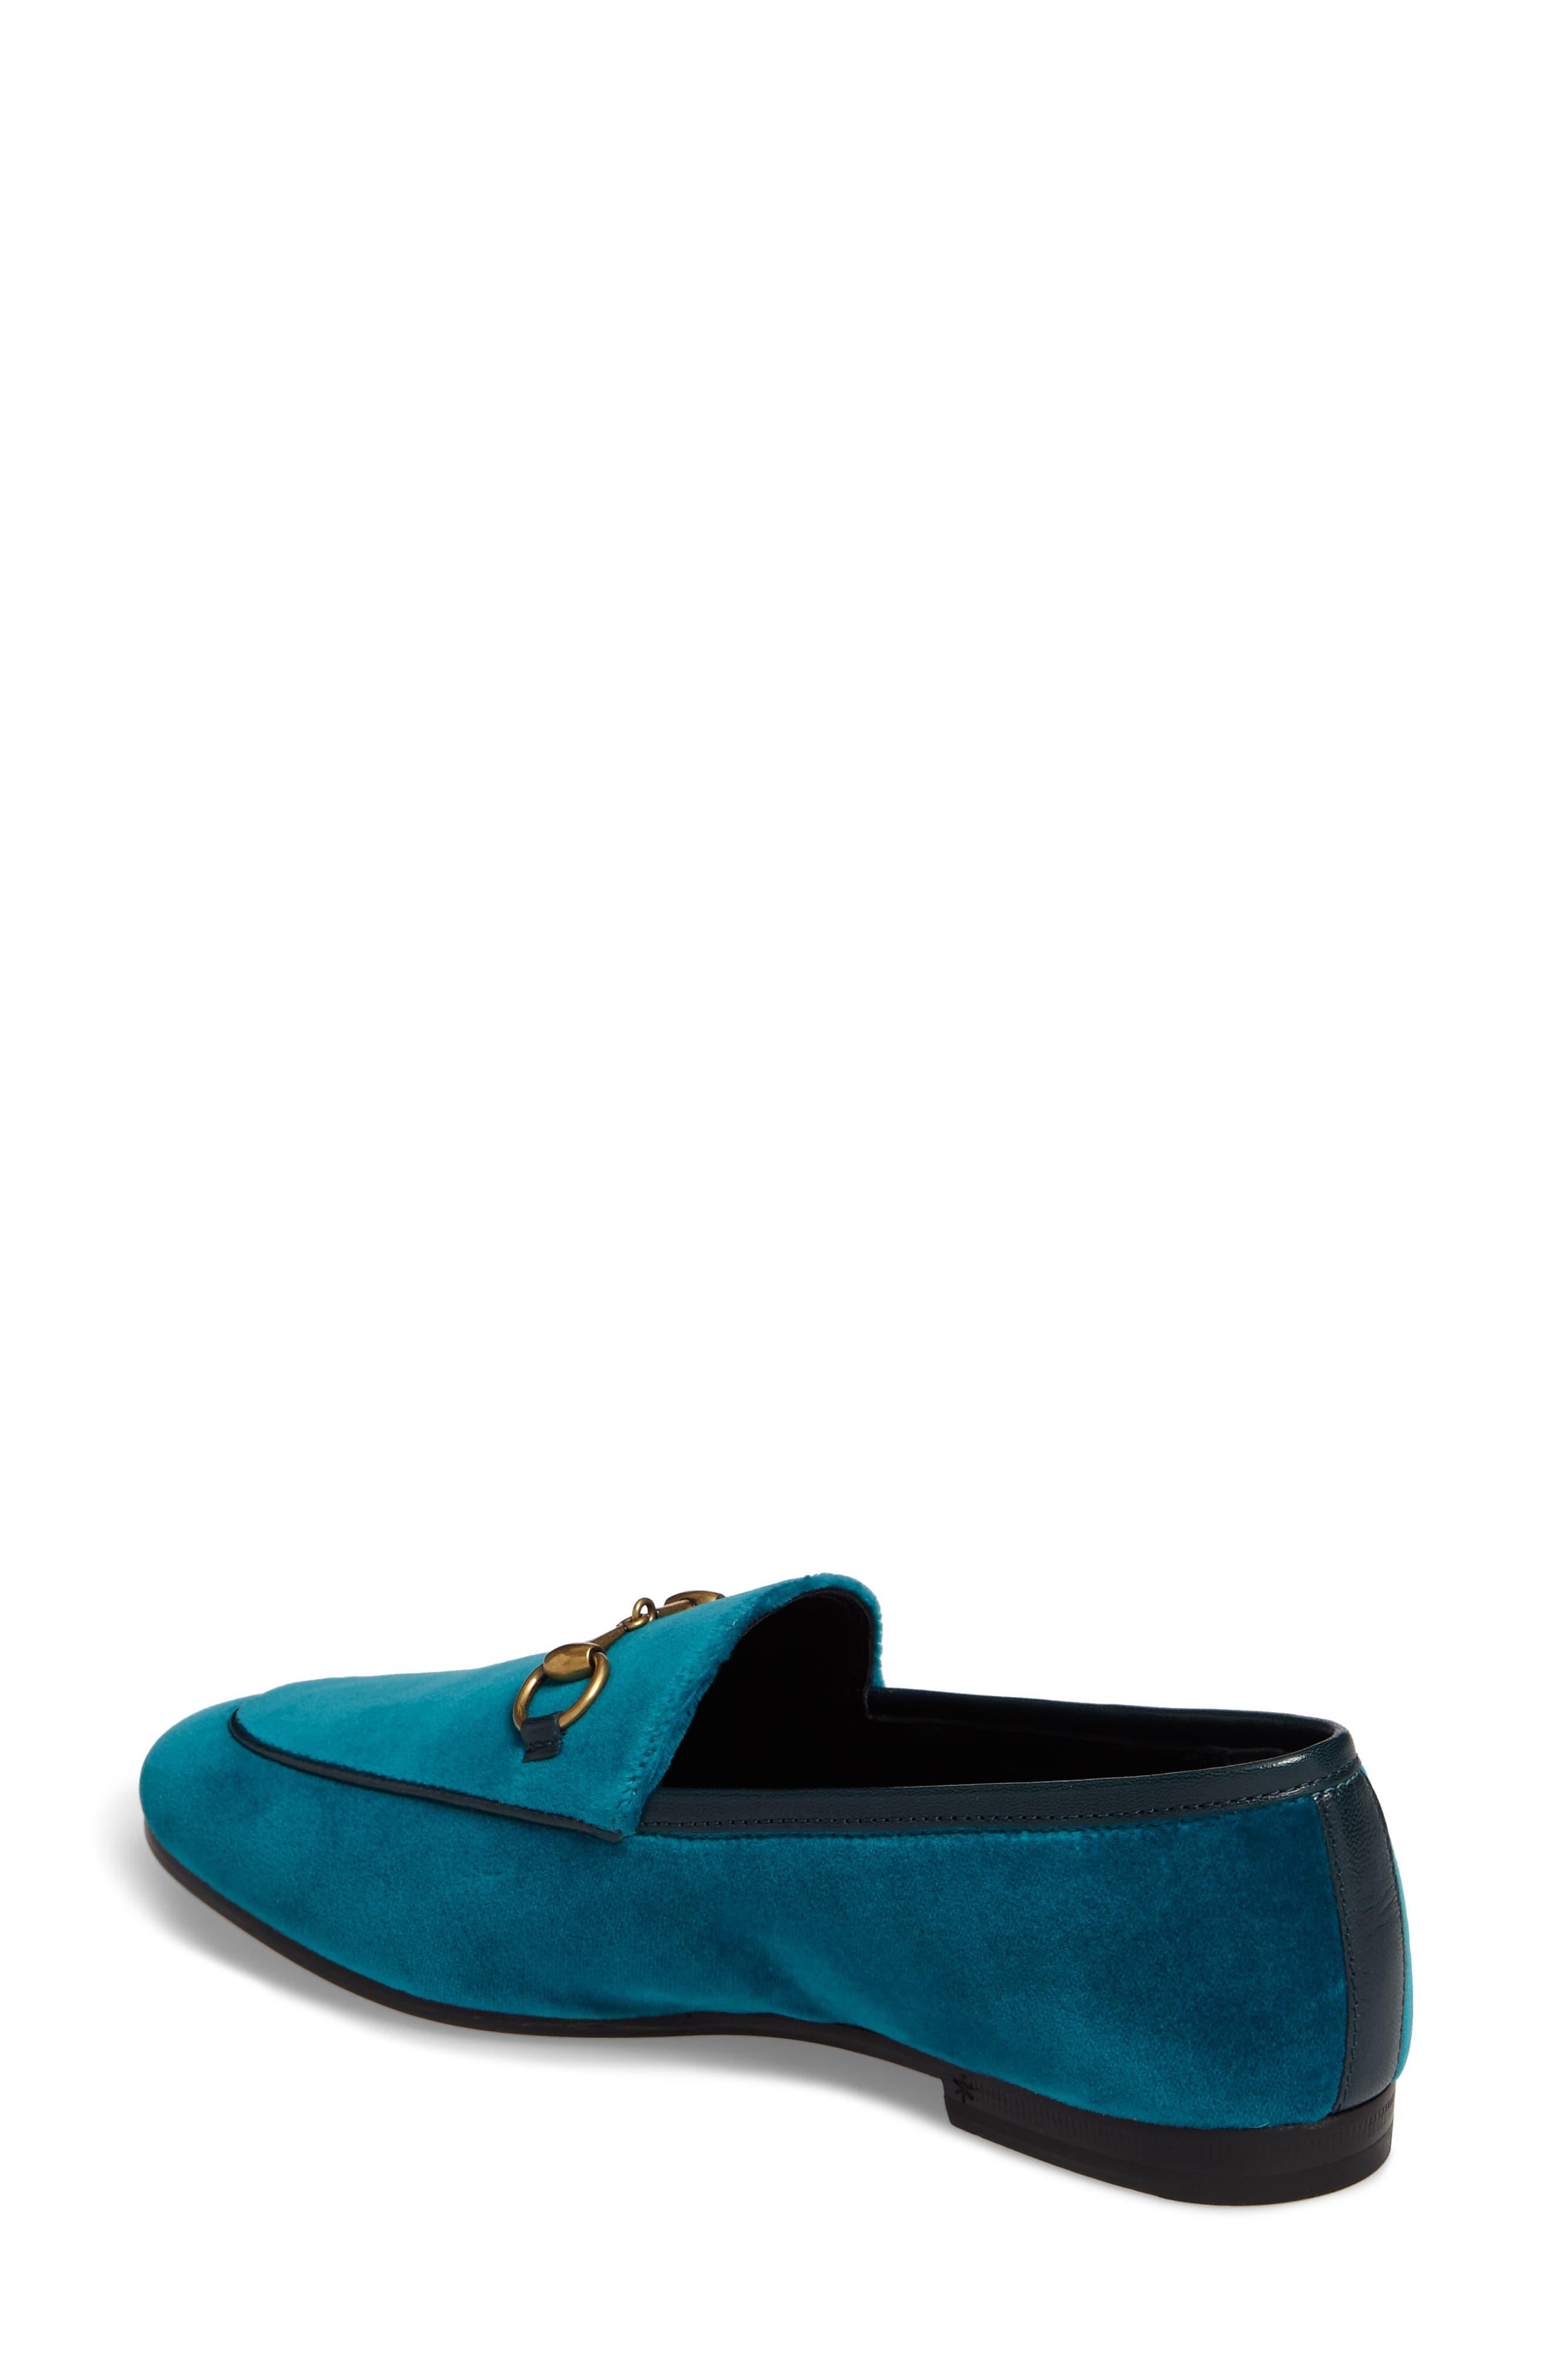 Brixton Velvet Loafer,                             Alternate thumbnail 2, color,                             Blue Velvet